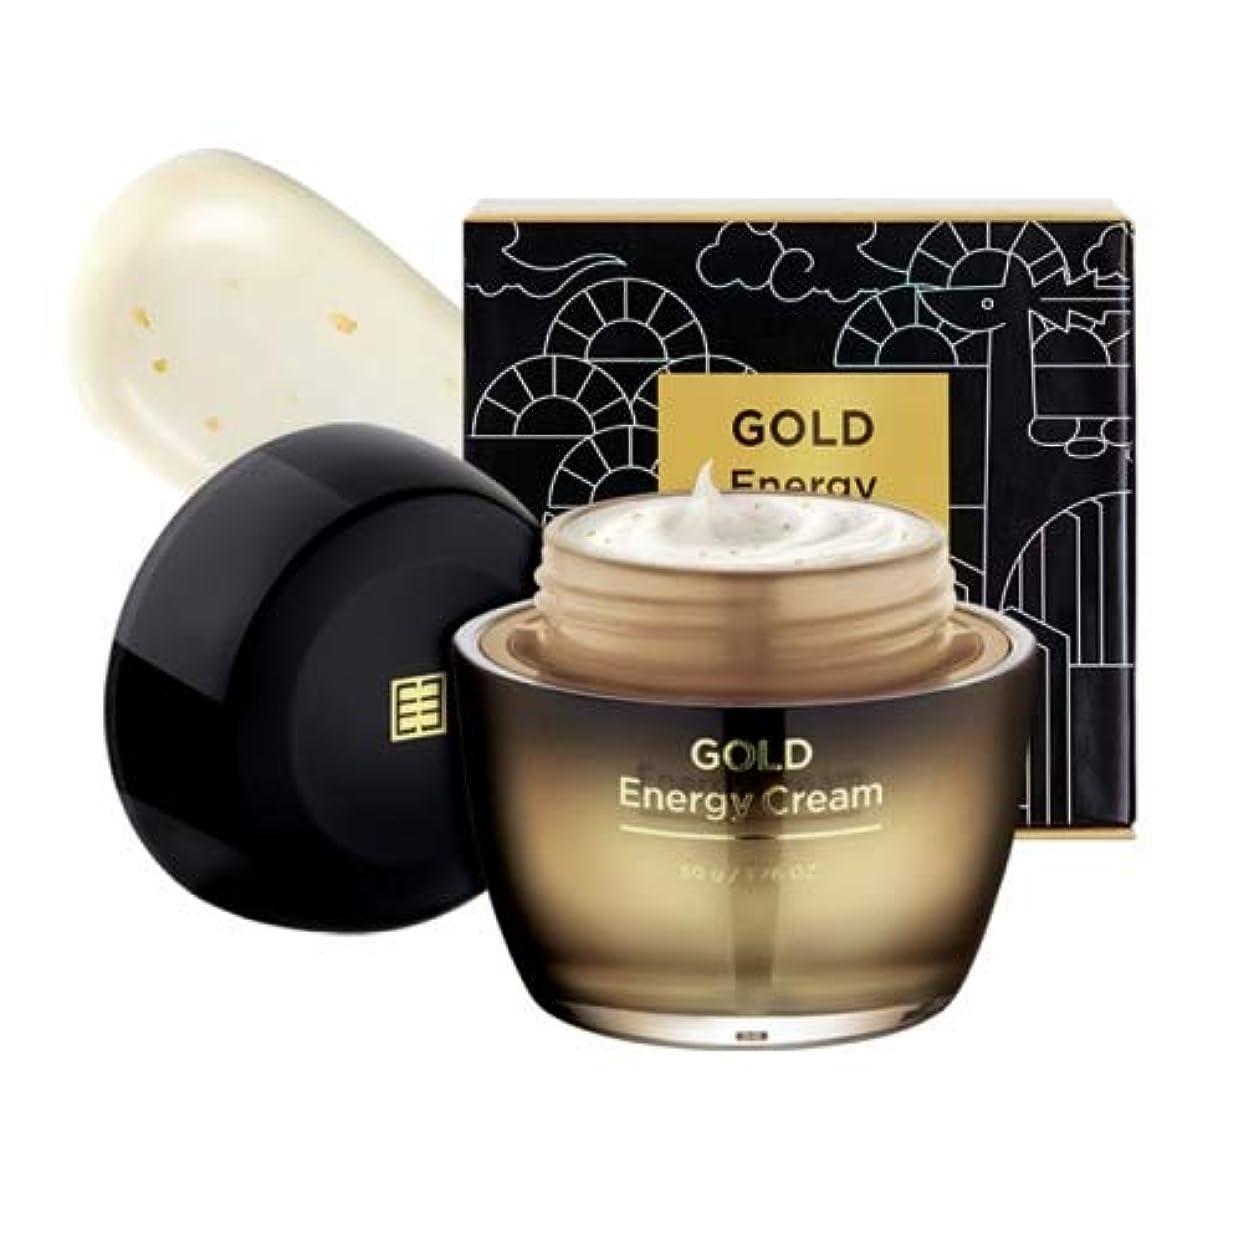 すごい天のカイウスESTHEMED 【NEW!! エステメドゴールドエネルギークリーム】ESTHEMED GOLD Energy Cream 50g